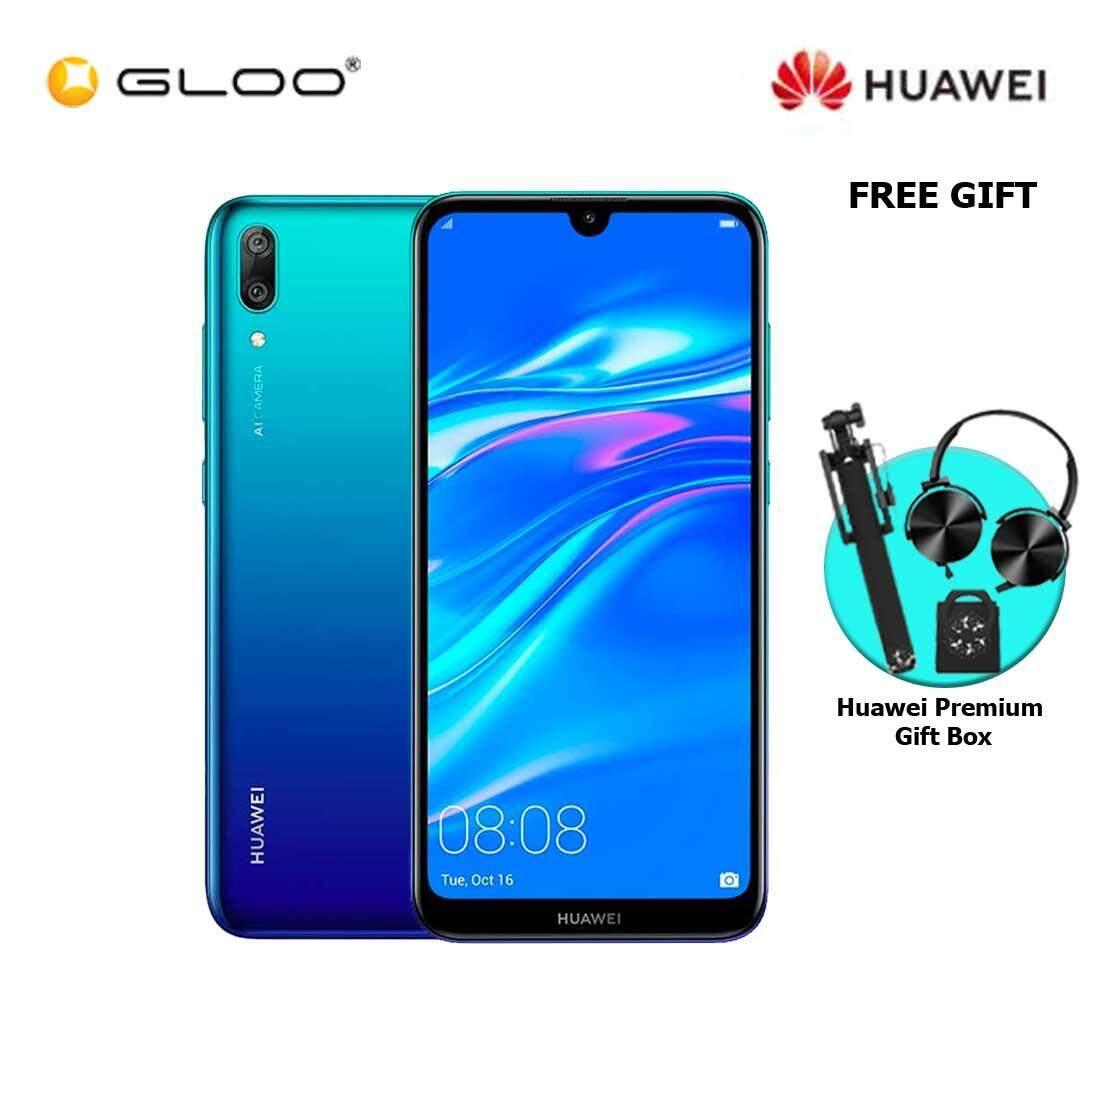 Huawei Y7 Pro 2019 3GB+32GB Blue + FREE Premium Gift Box (Headset/Selfie Stick/iRing)